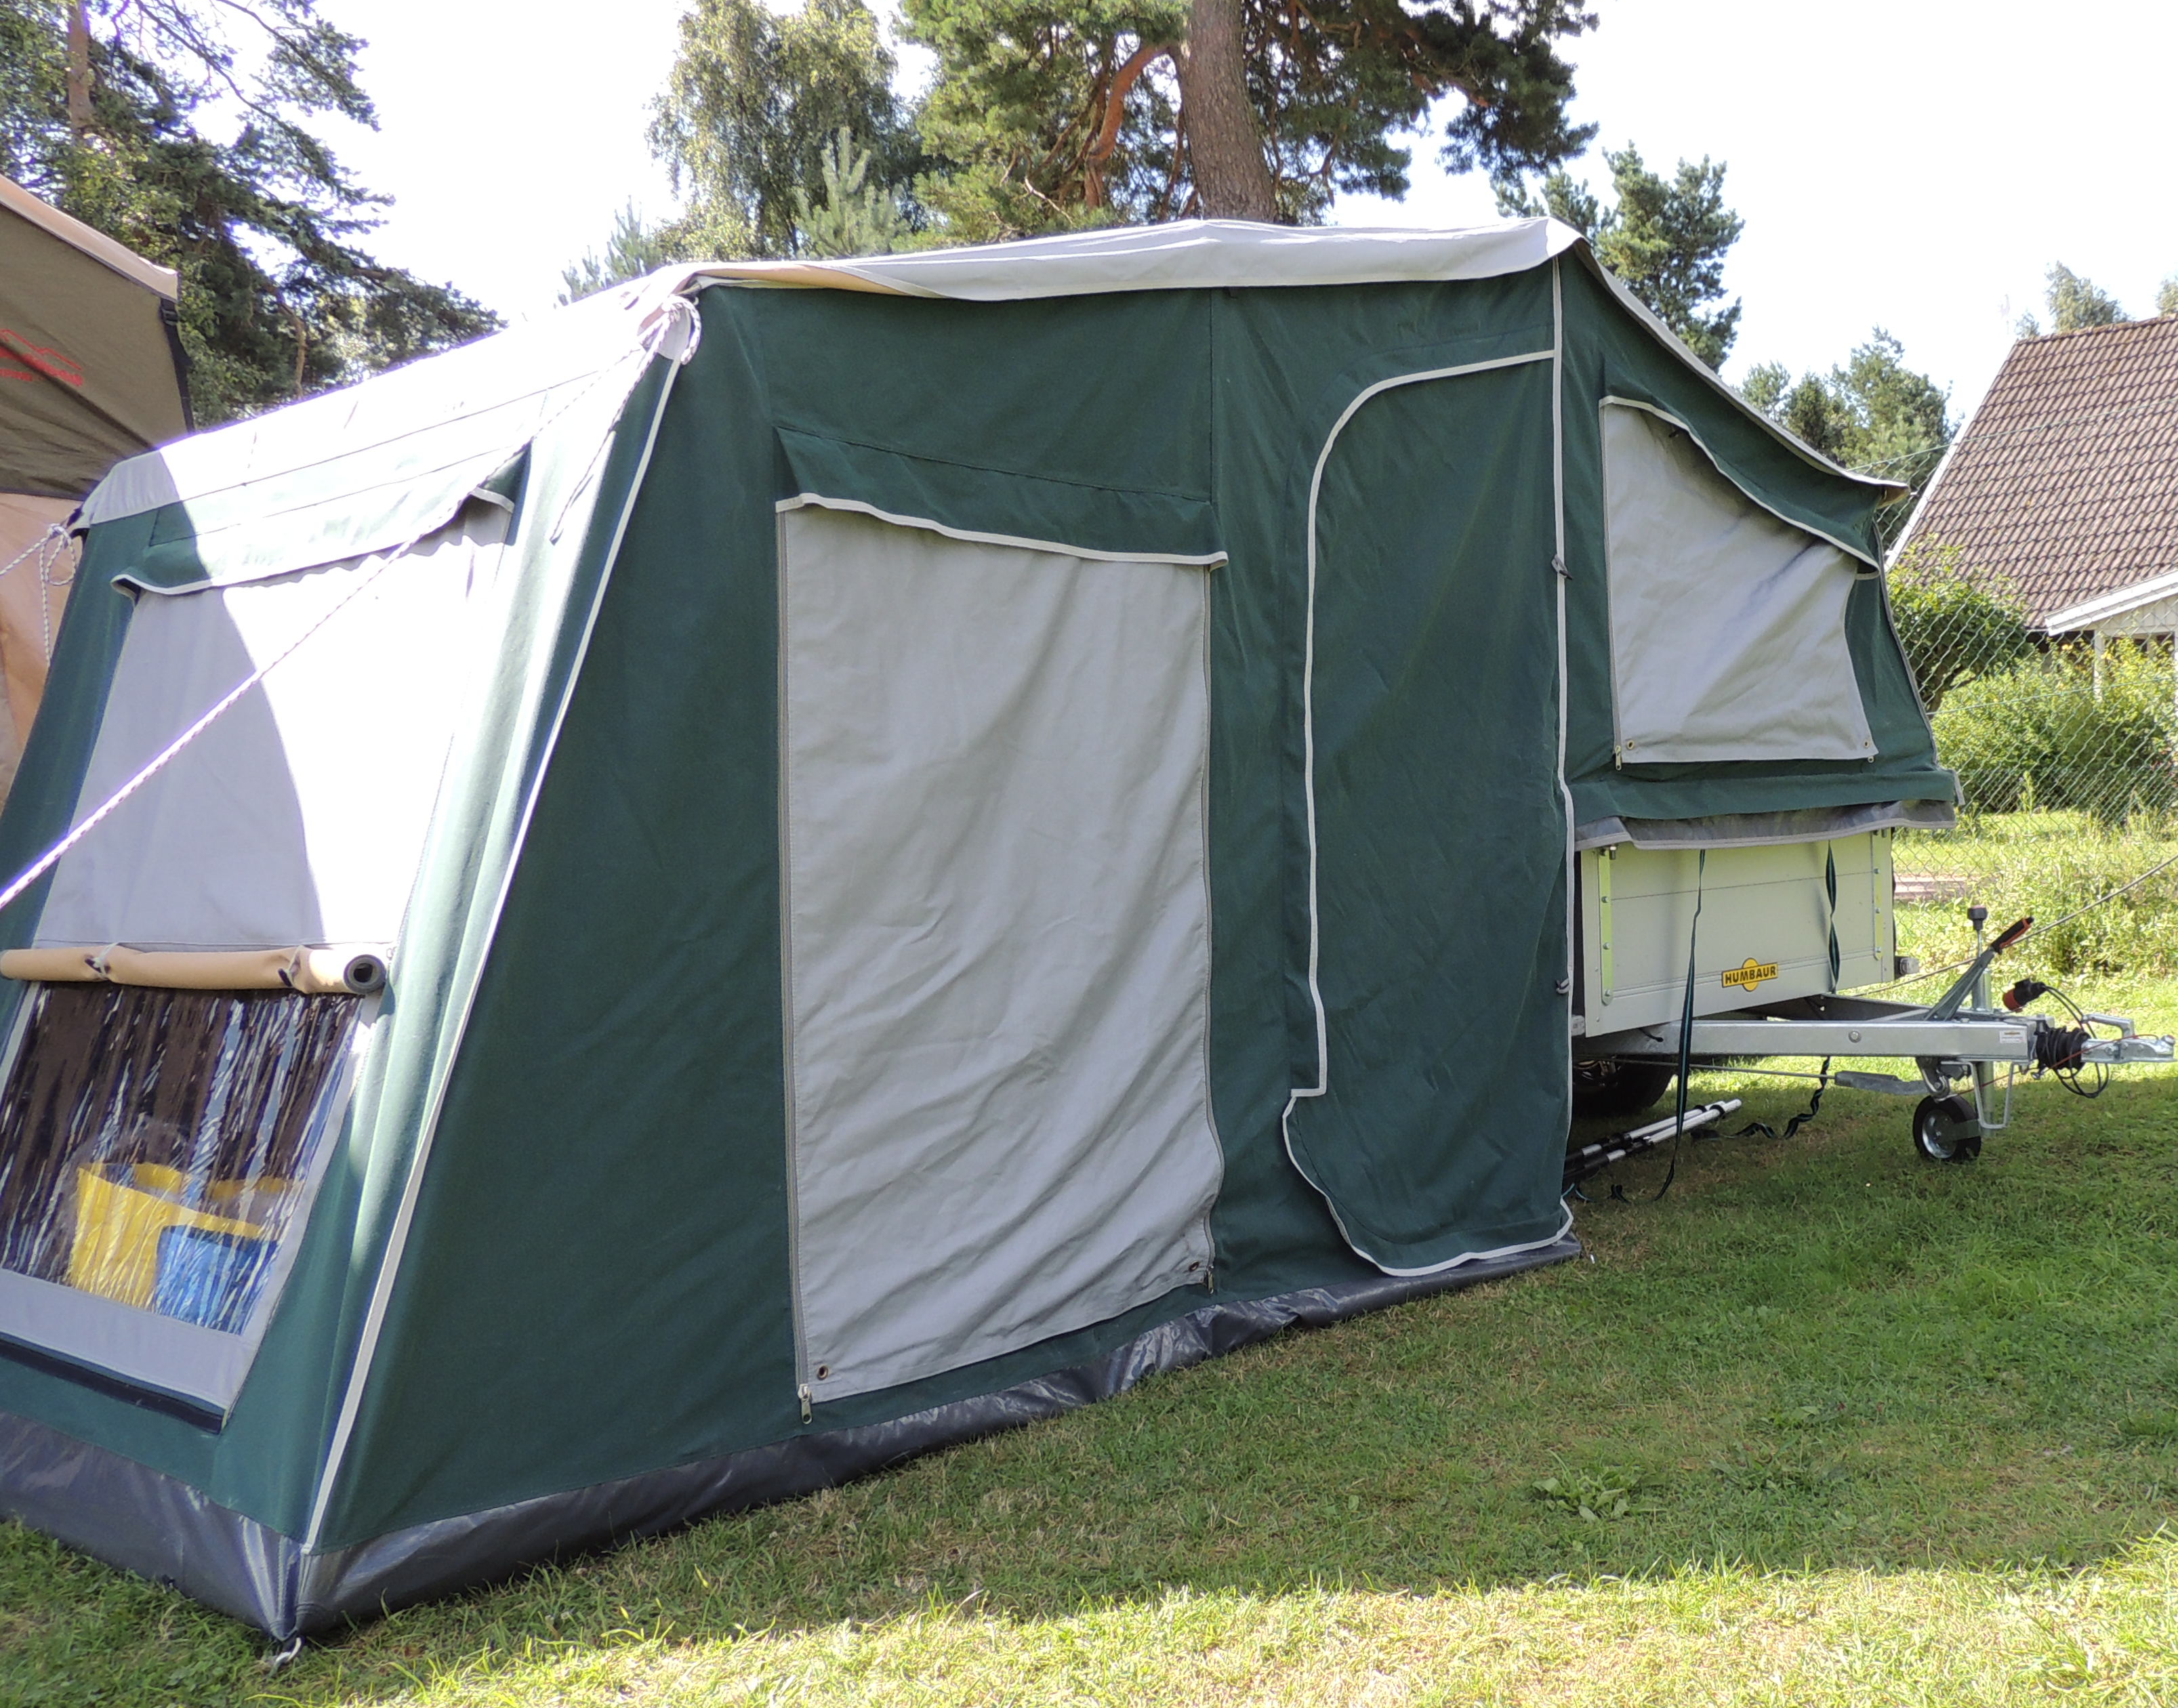 miniatuur 3 - Zeltanhänger Tender XL der Faltcaravan von NB outdoor Campingtrailer mit Komfort